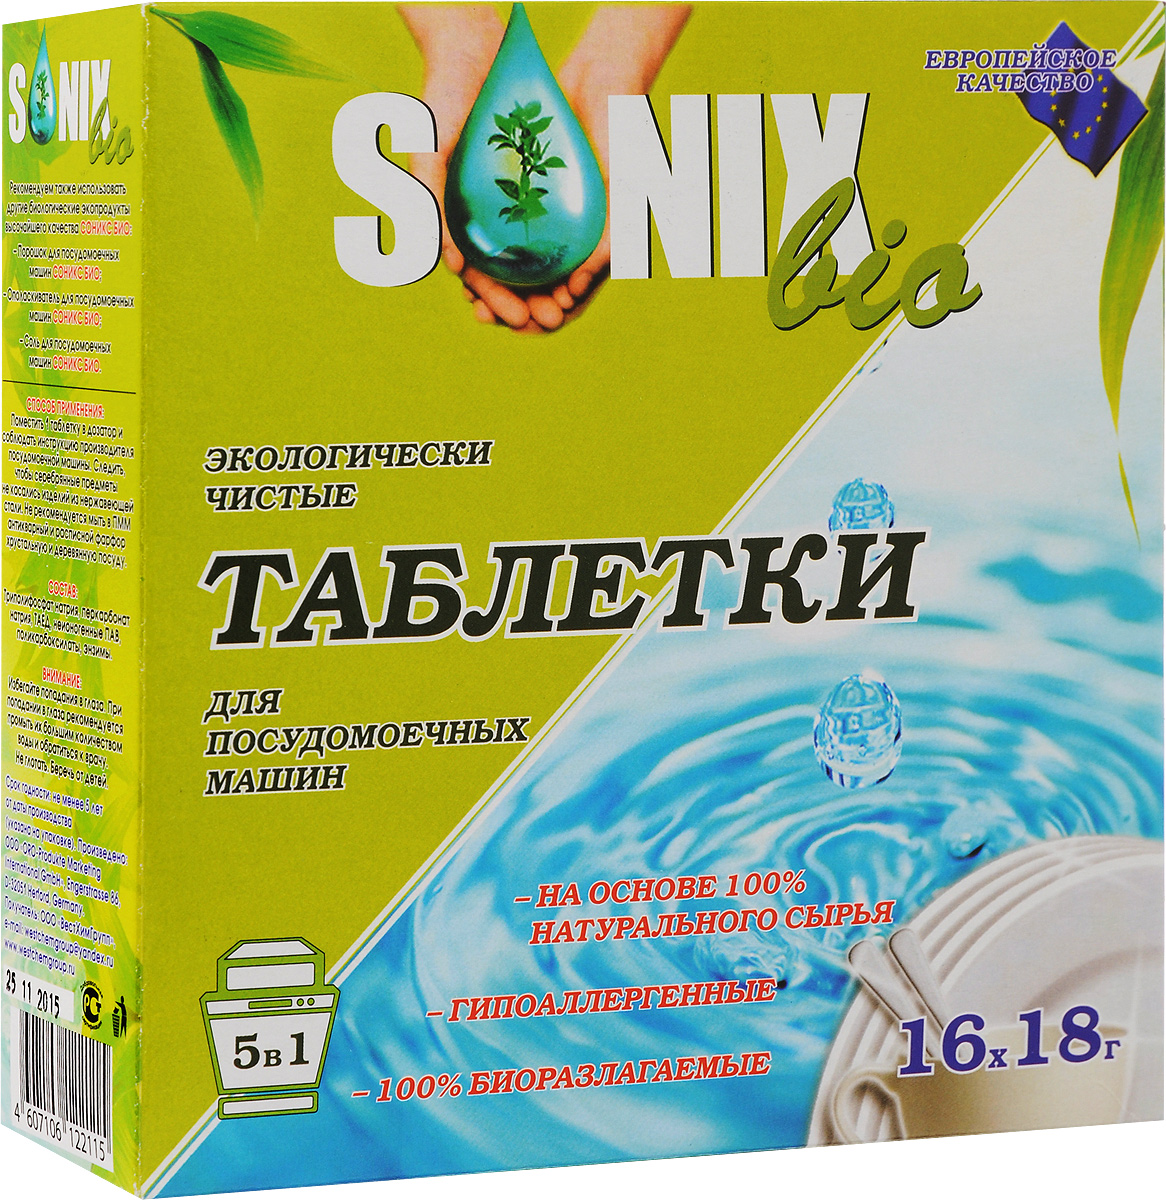 Таблетки для посудомоечных машин SonixBio 5 в 1, 16 шт х 18 г таблетки для посудомоечных машин snowter 5 в 1 16 шт x 20 г